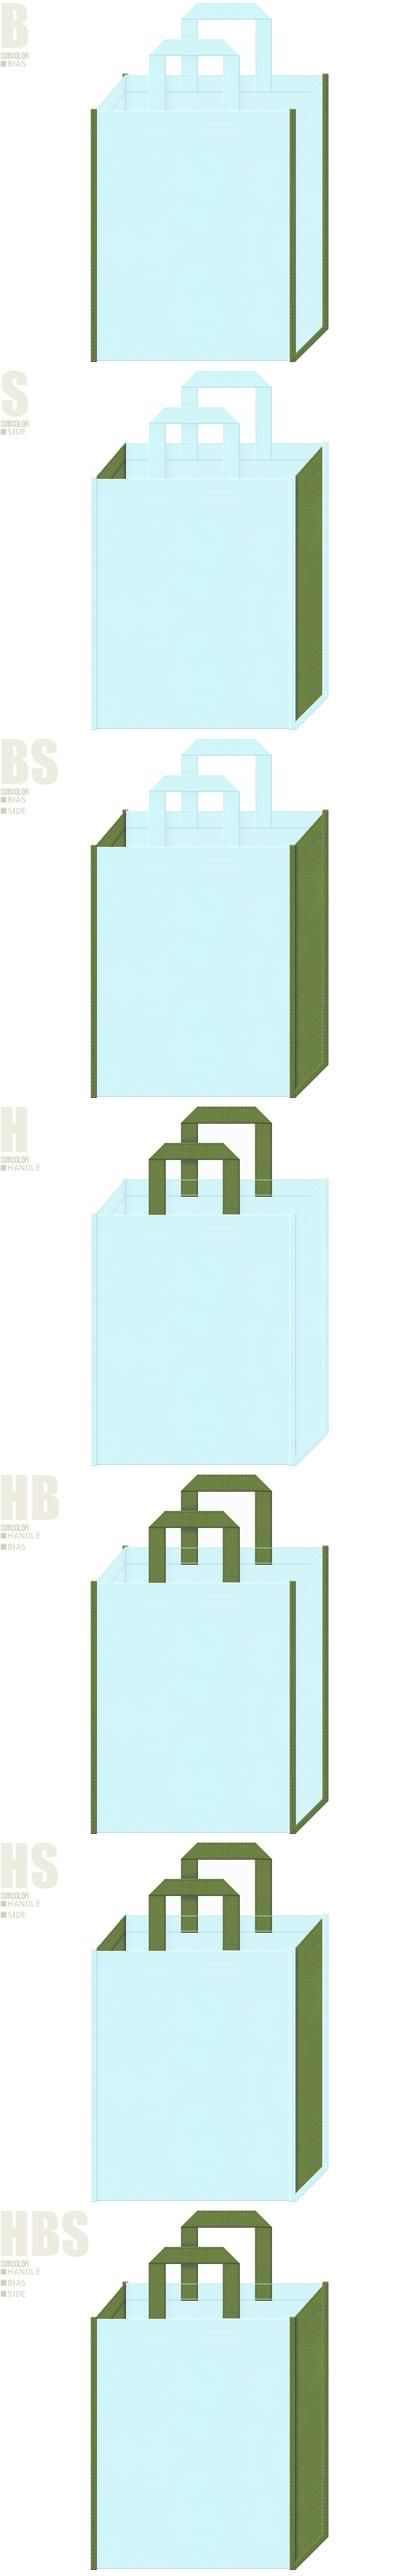 水田・水草・ビオトープ・ウォーターガーデン・和風庭園・造園用品・エクステリアの展示会用バッグにお奨めの不織布バッグデザイン:水色と草色の配色7パターン